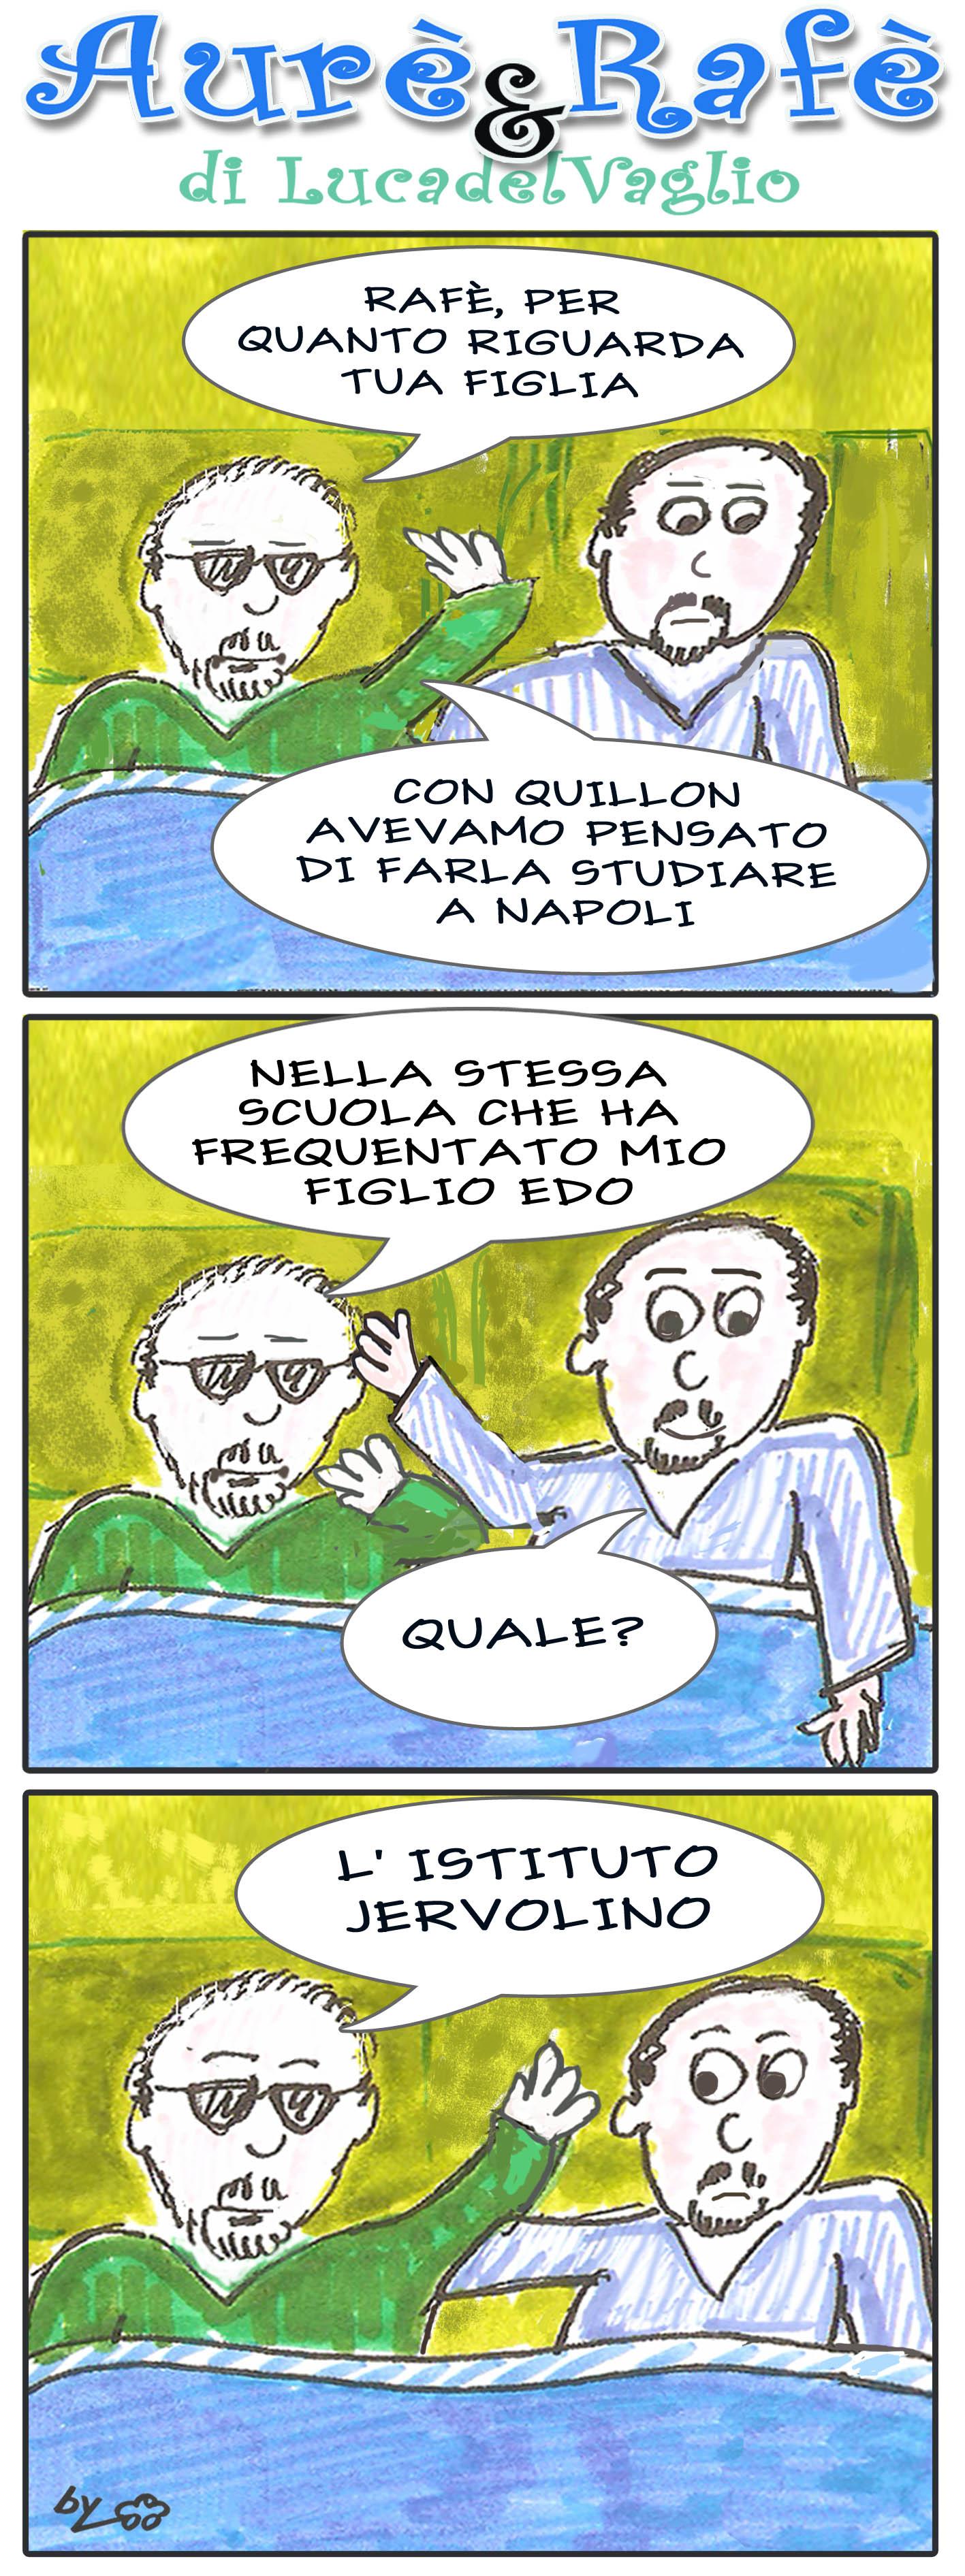 Aurè, Rafè e la trattativa con Quillon